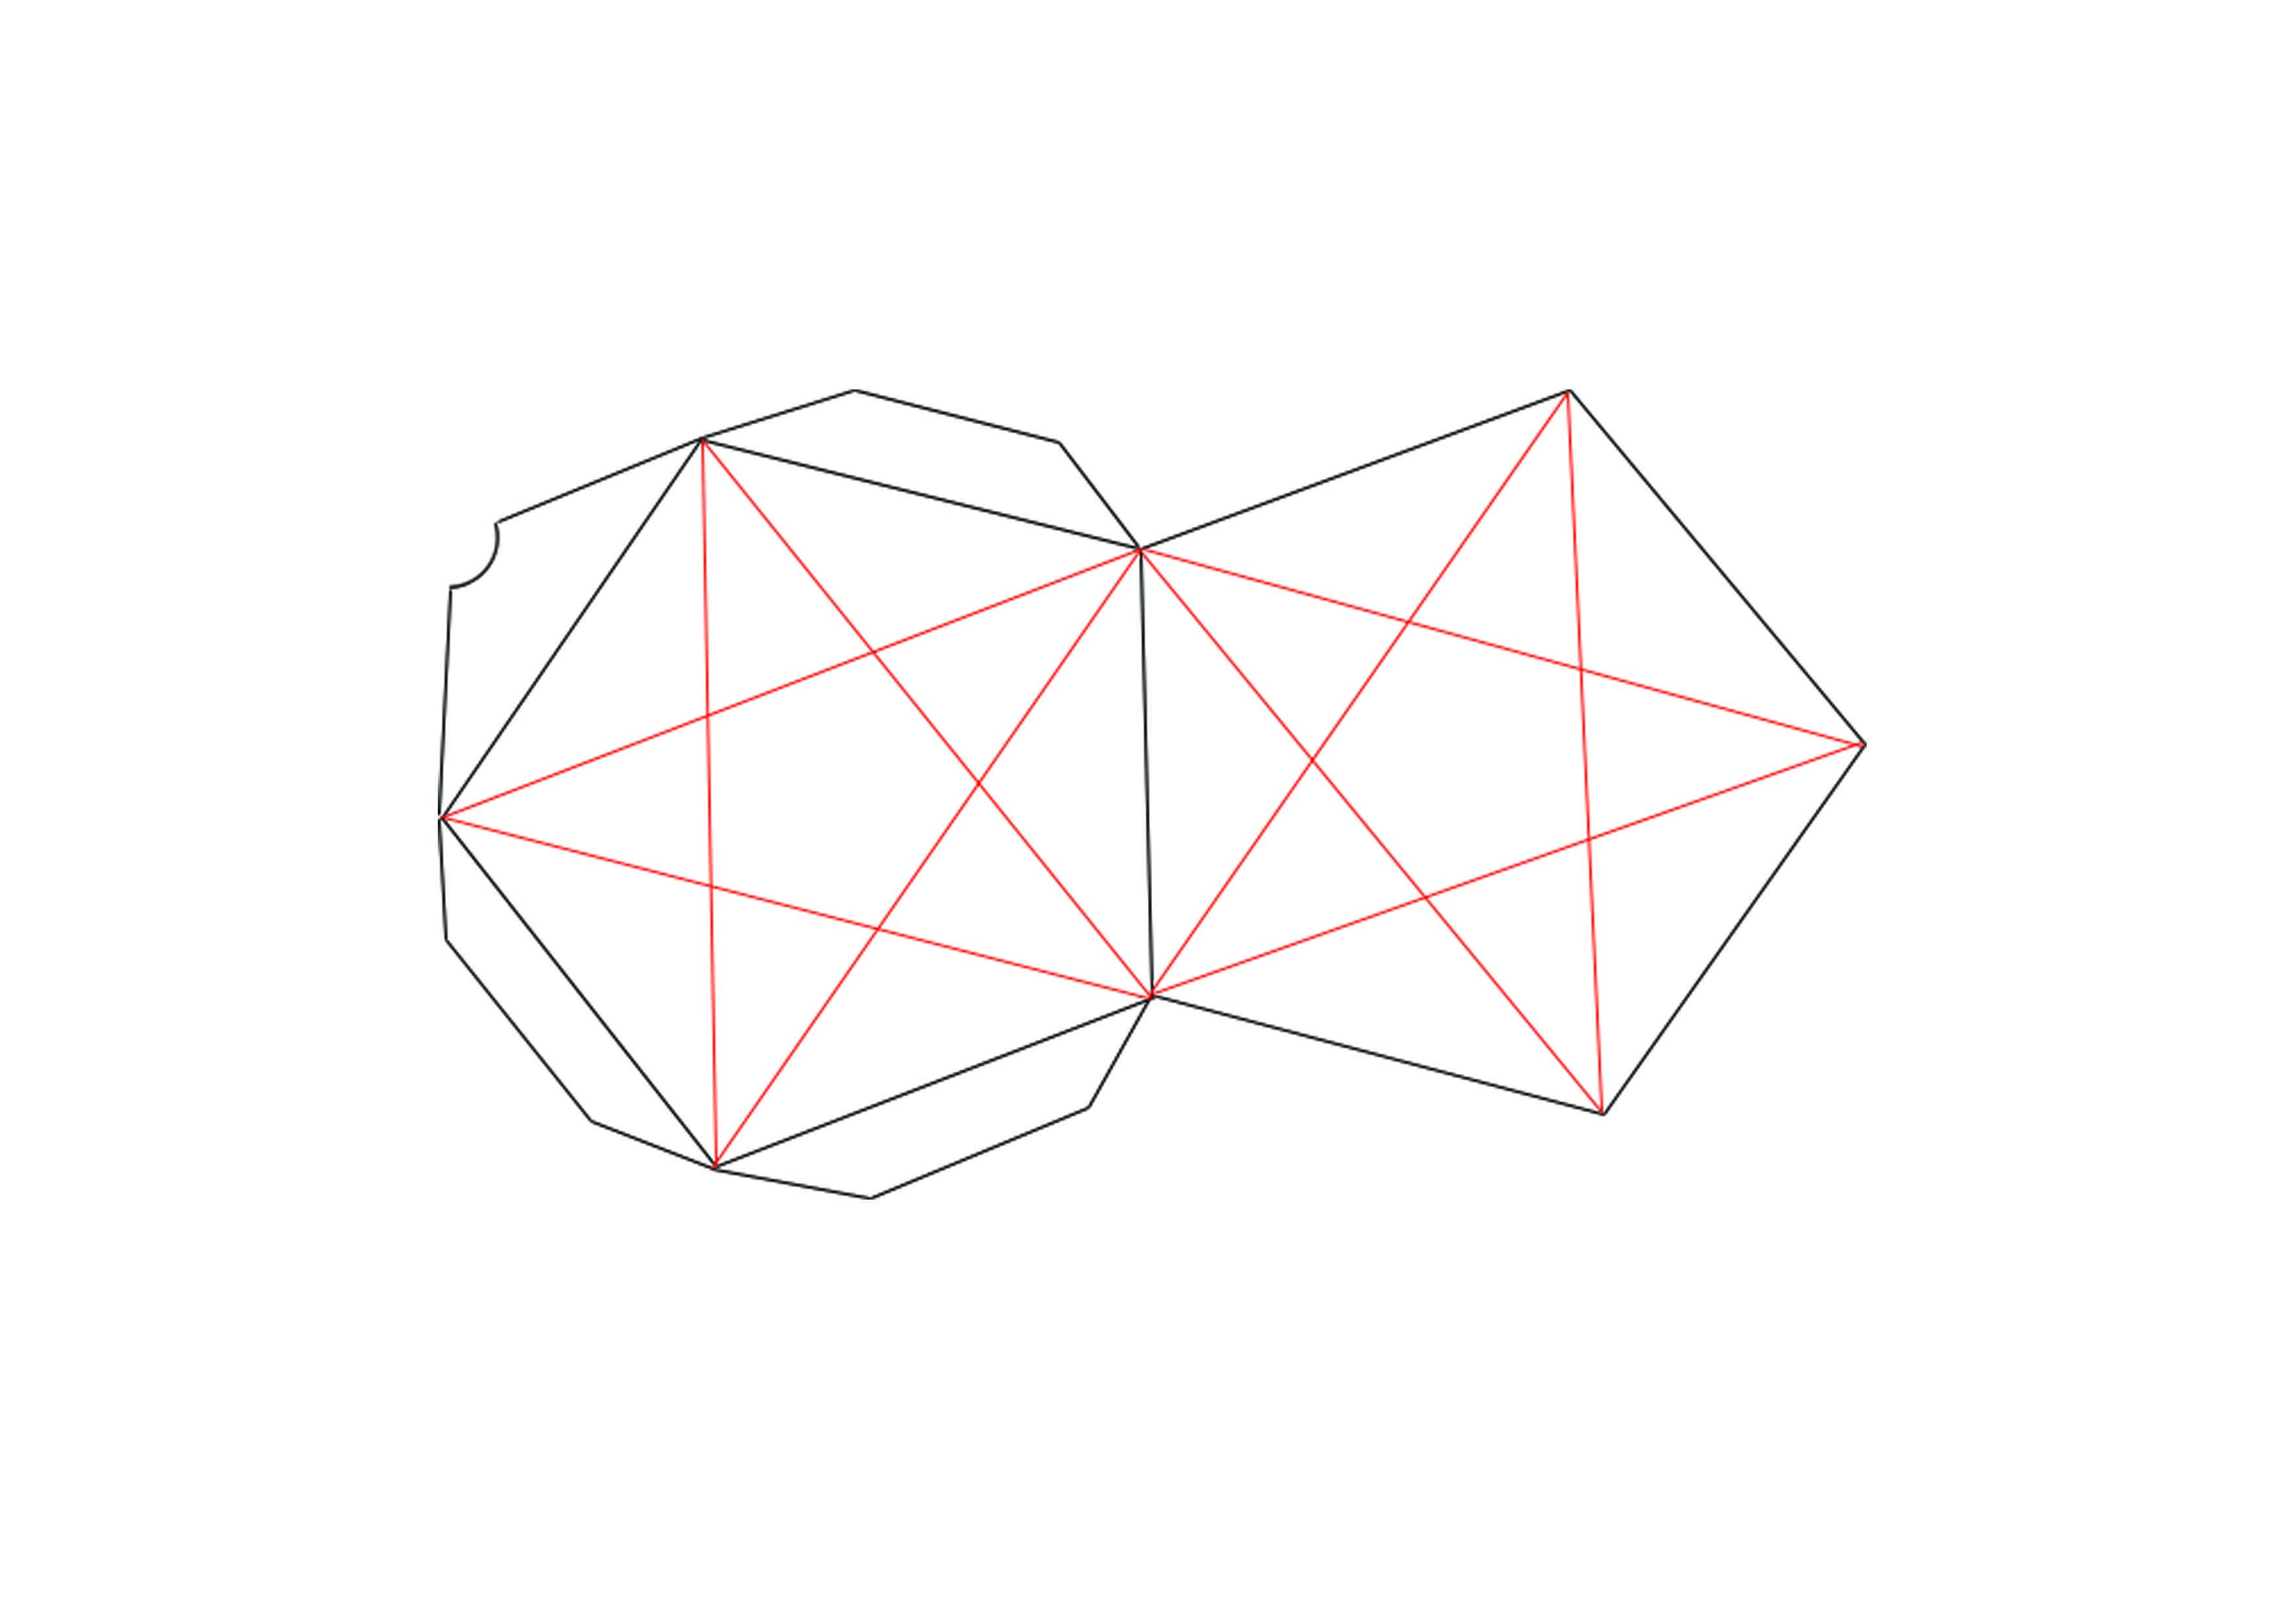 Origami Sterne 3d Falten Faltanleitung Lichterkette Basteln Sterne Selber Machen Anleitung Diy Kosten Lichterkette Basteln Kostenlose Schablonen Origami Sterne